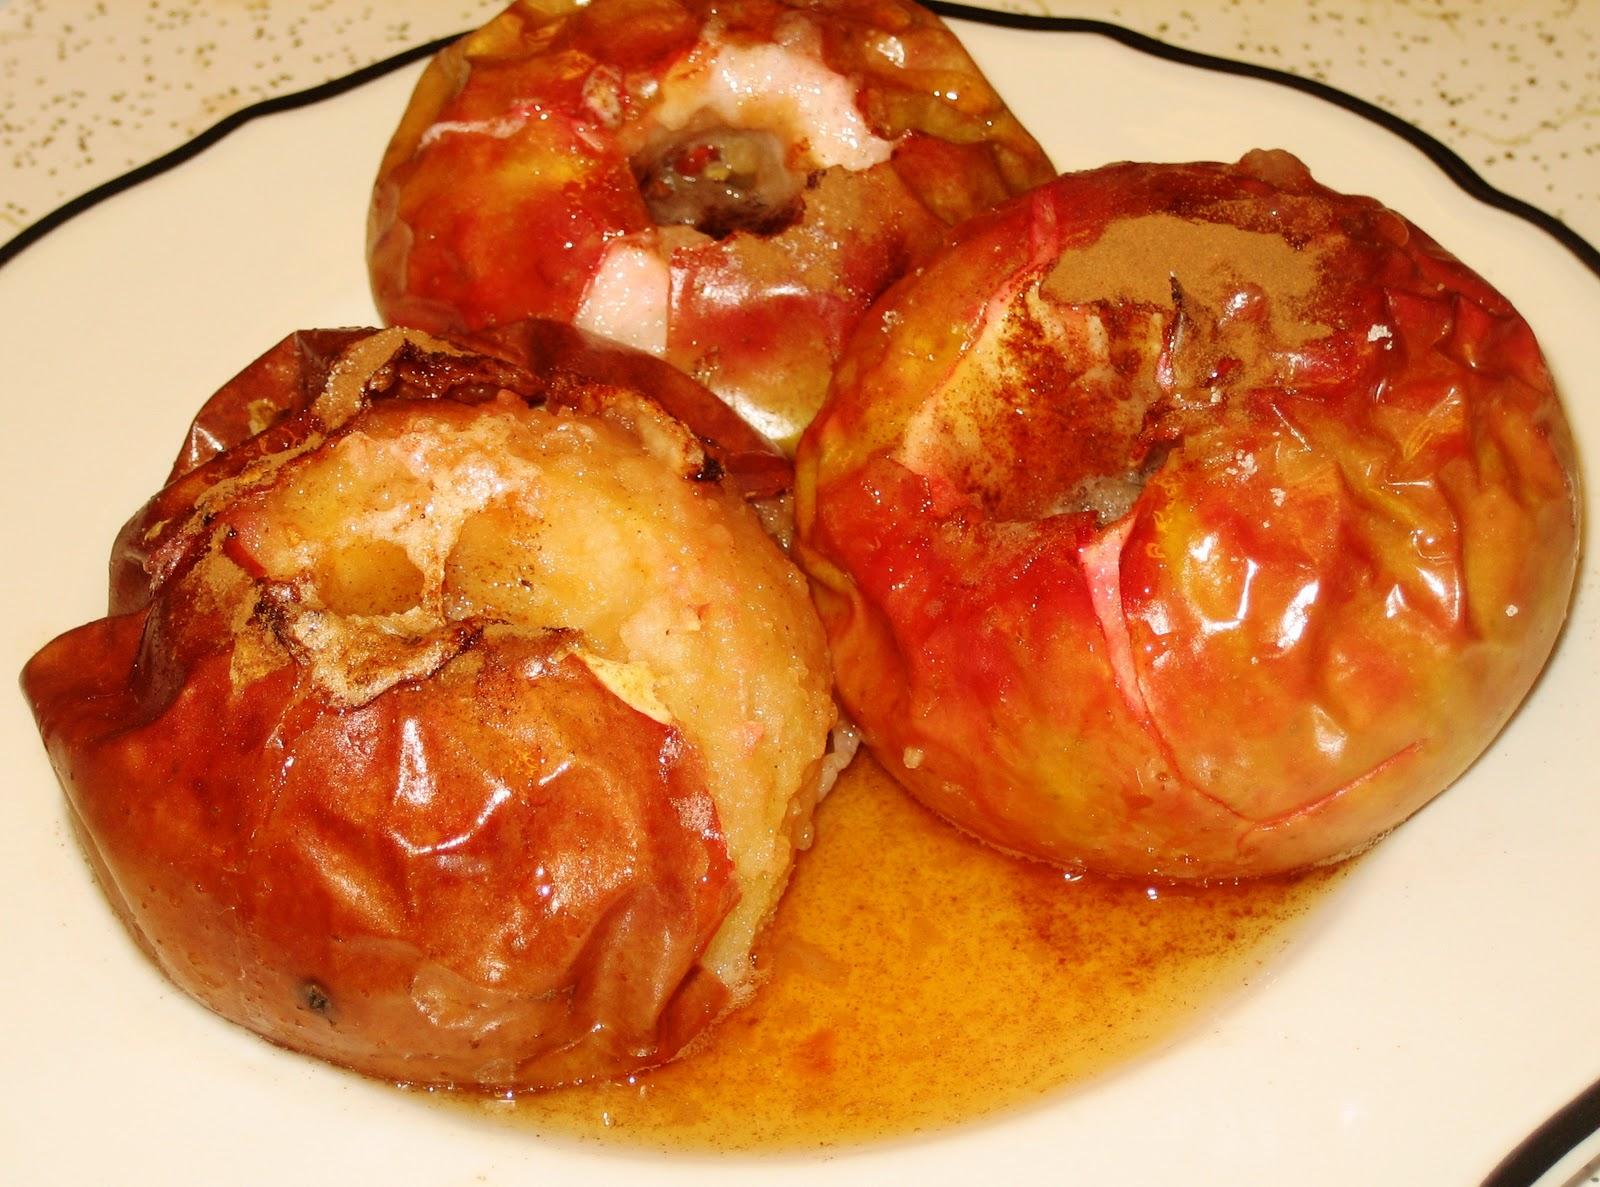 LA CASA E IL GIARDINO: BAKED APPLES - Simple Dessert Without Guilt ...